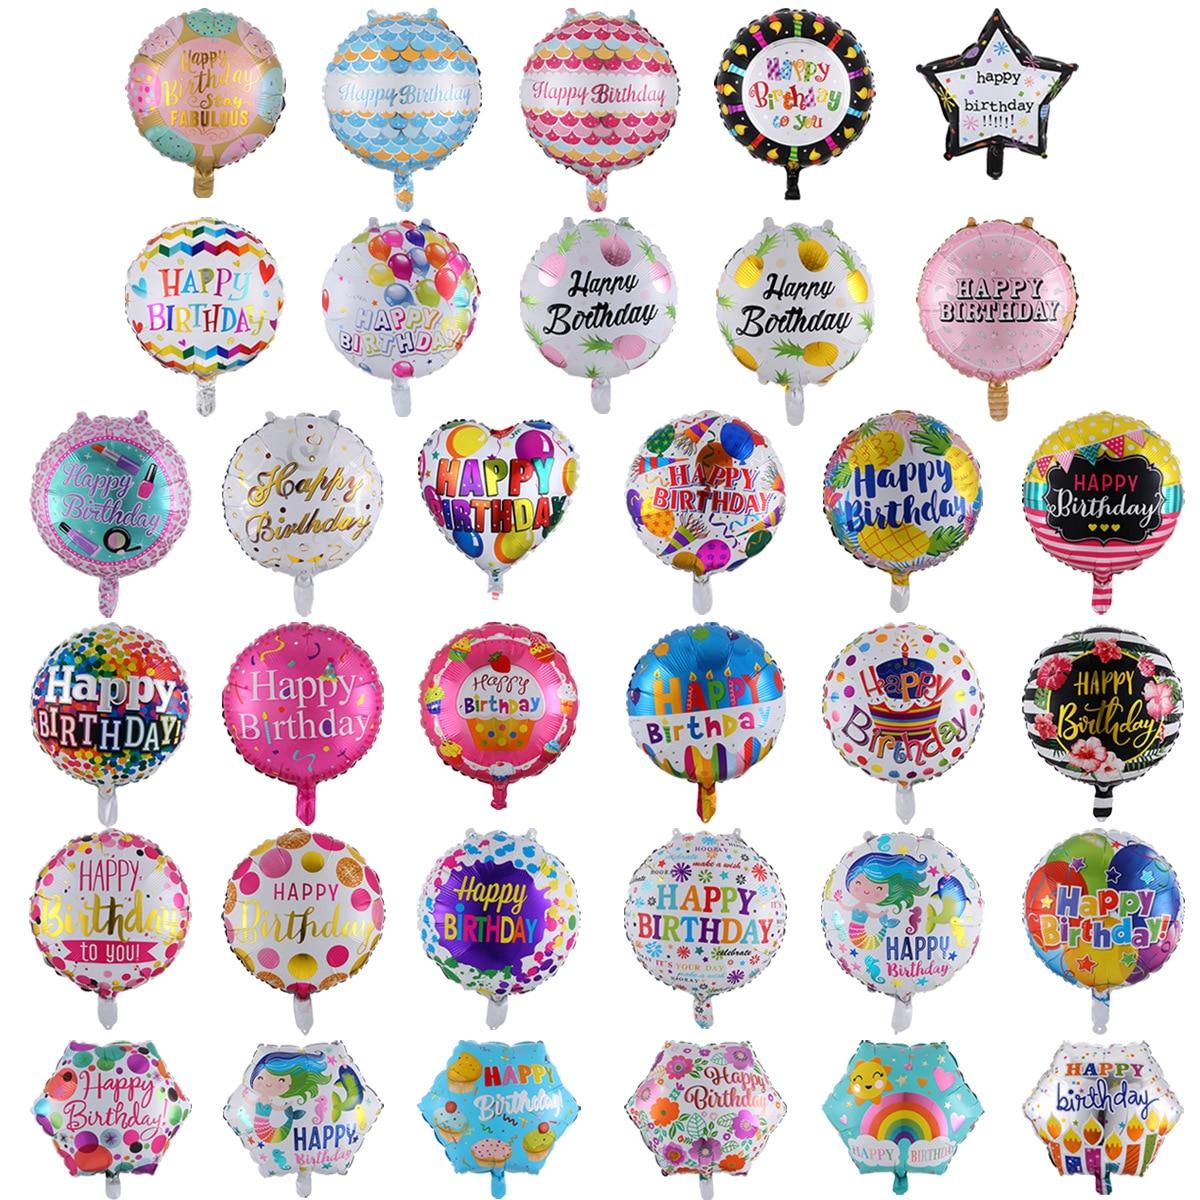 18-дюймовый на день рождения воздушные шары круглые алюминиевые воздушные шары «С Днем Рождения» День рождения украшение шары